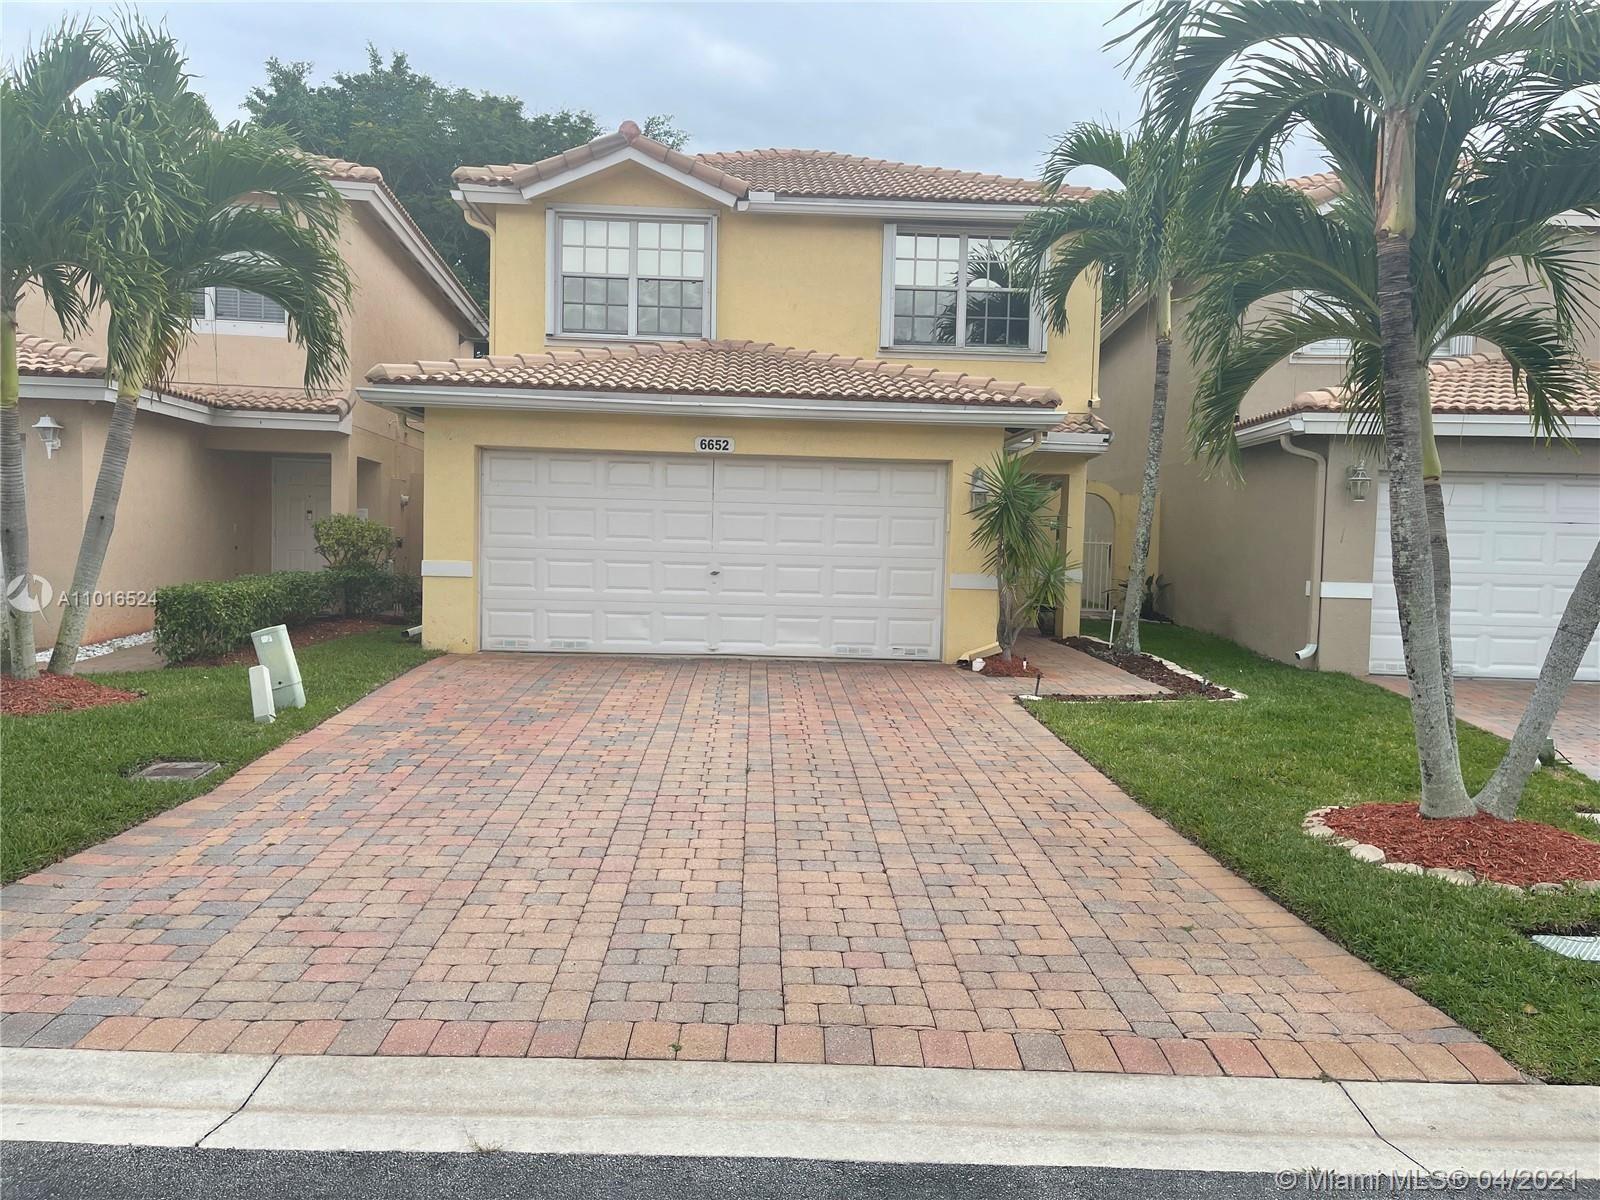 6652 Duval Ave, West Palm Beach, FL 33411 - #: A11016524